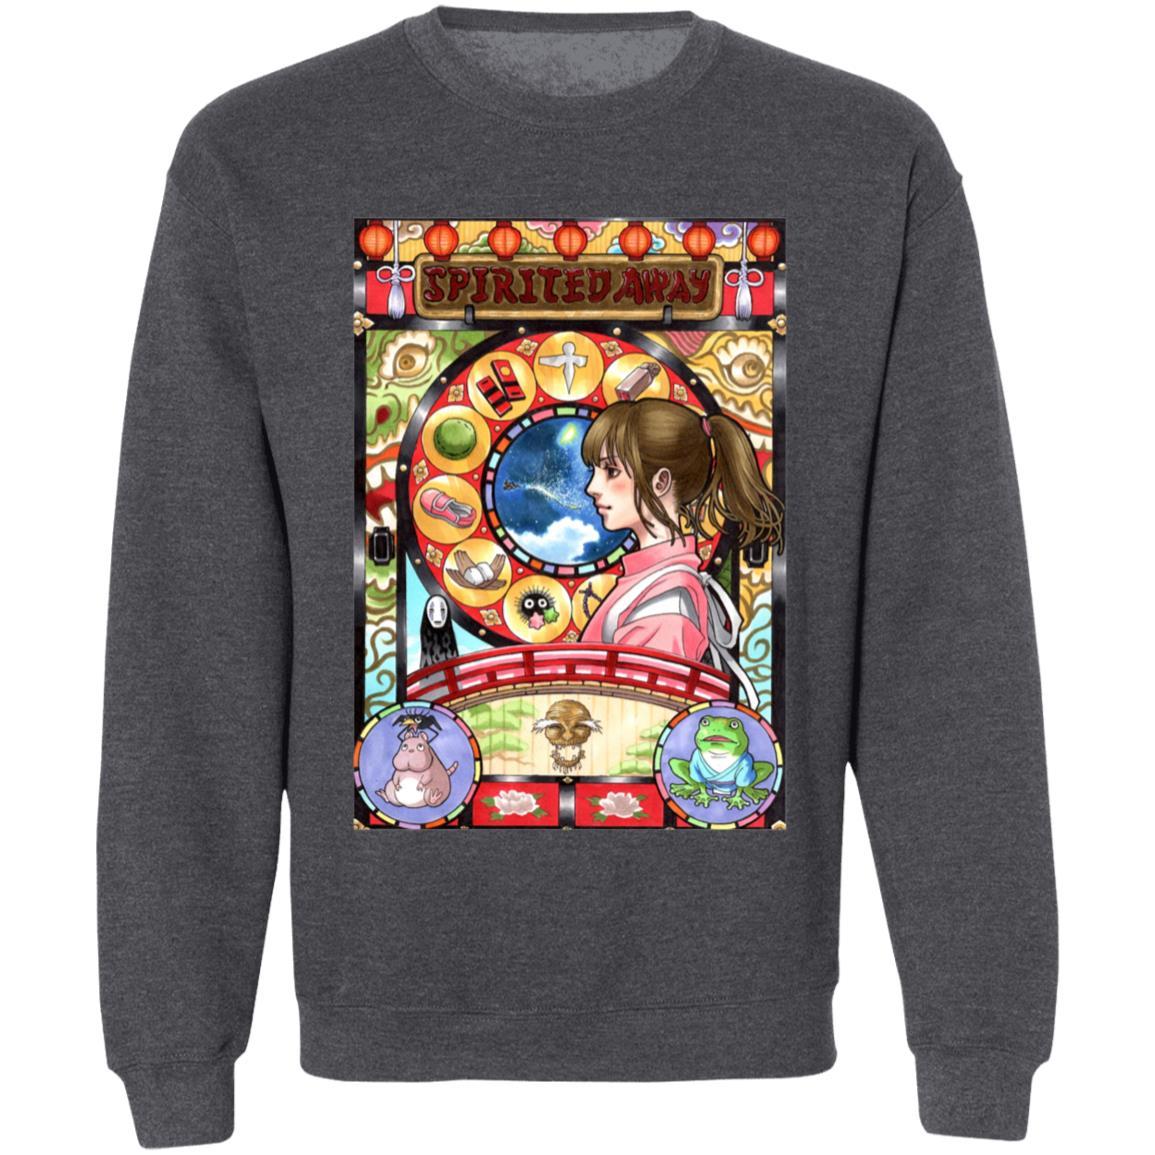 Spirited Away – Chihiro Portrait Art Sweatshirt